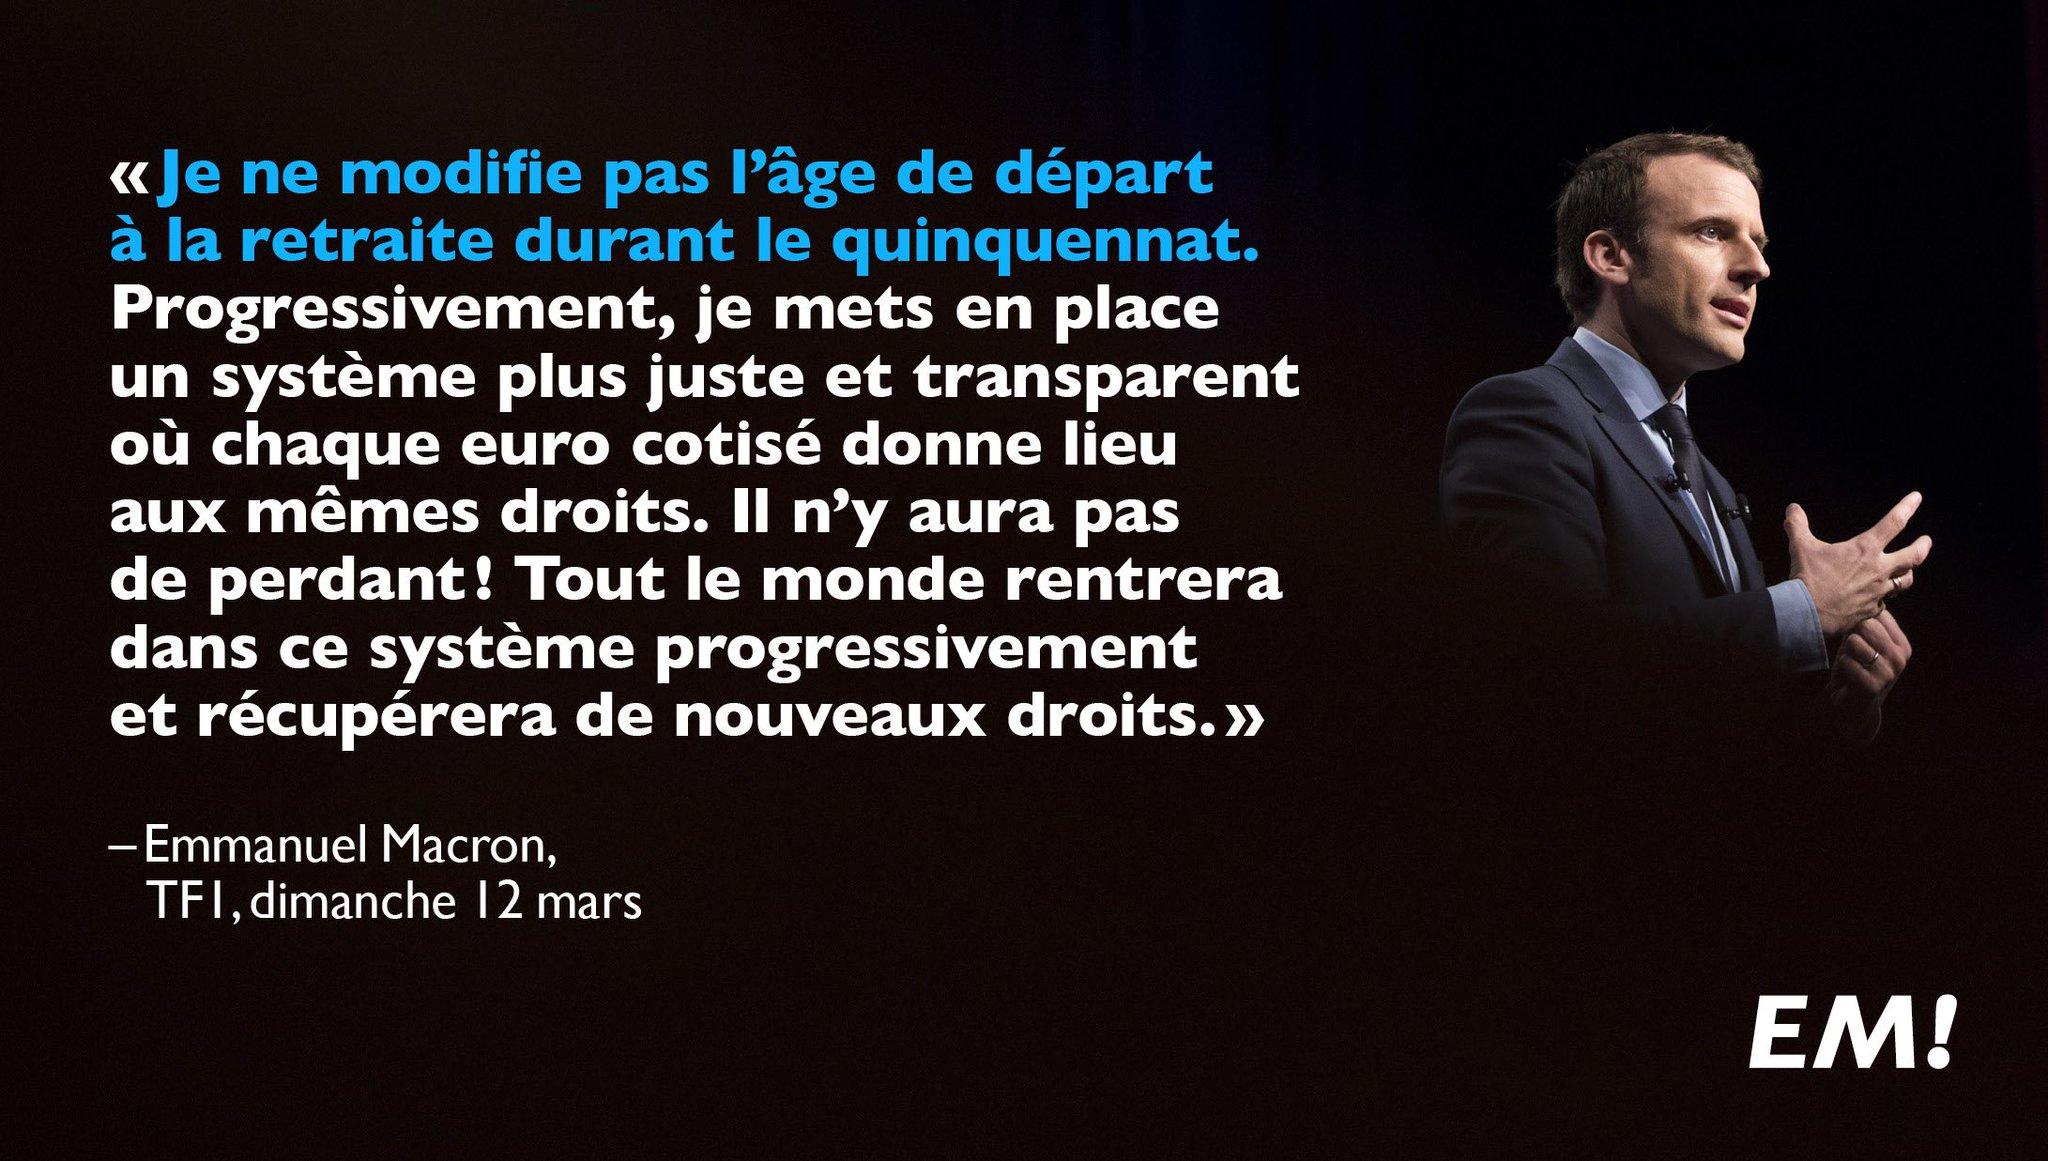 Retraites : pour un système plus juste et transparent où chaque euro cotisé donne lieu aux mêmes droits. #LE20H https://t.co/Nt95NMC6zn